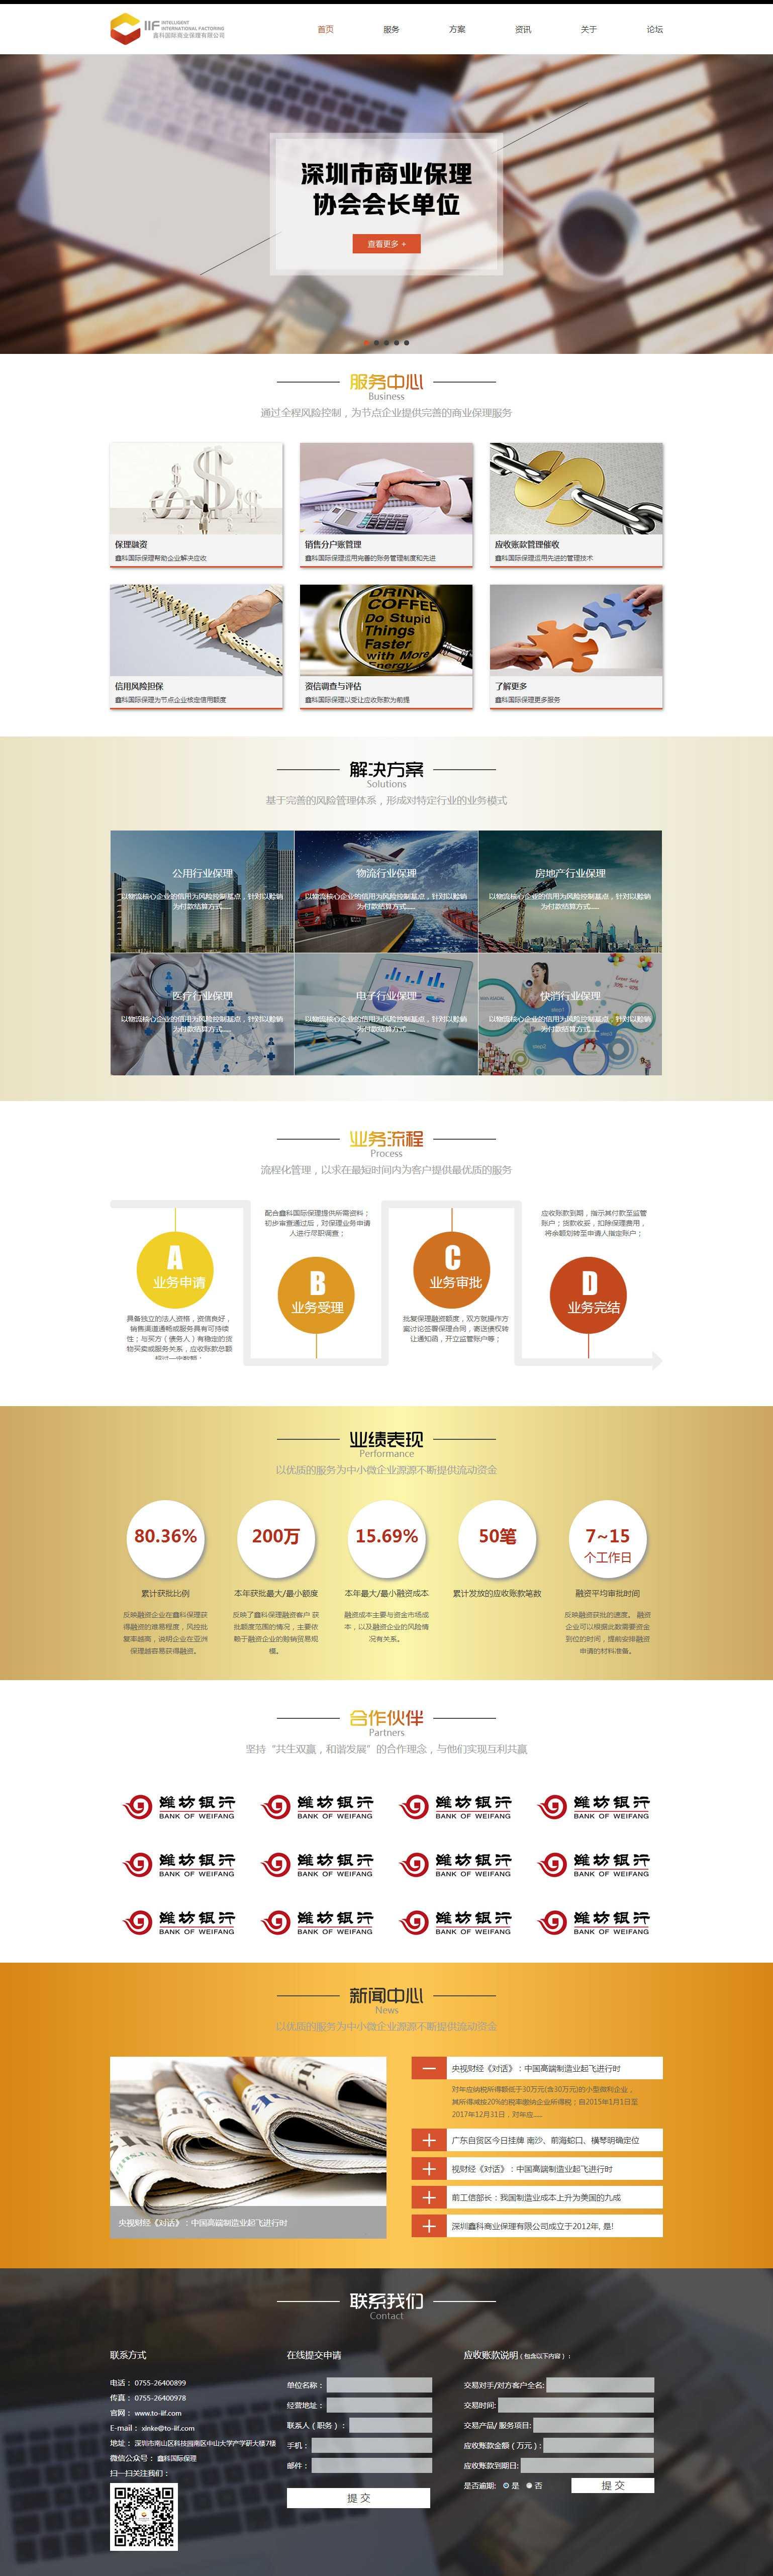 响应式鑫科国际商业金融公司网站html模板